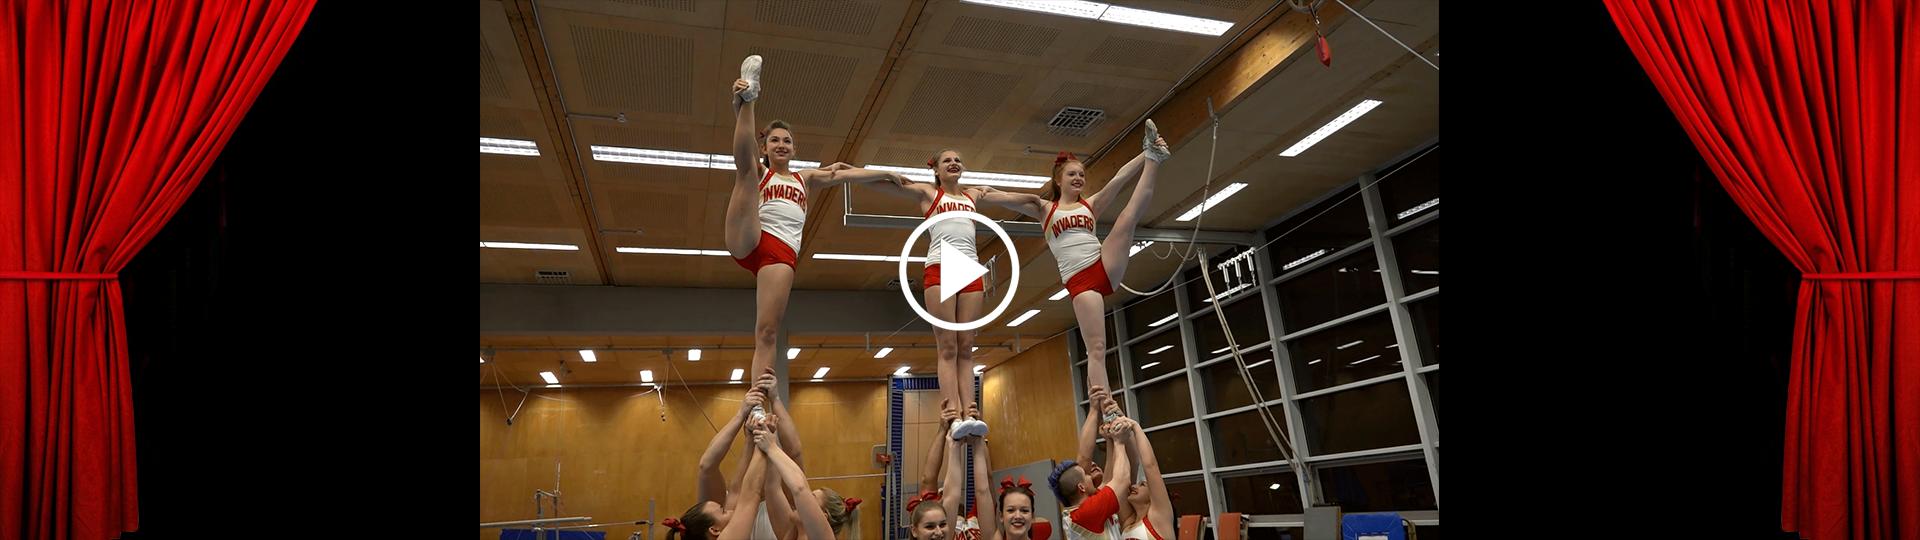 Invaders Cheerleader und Danceteam Trailer